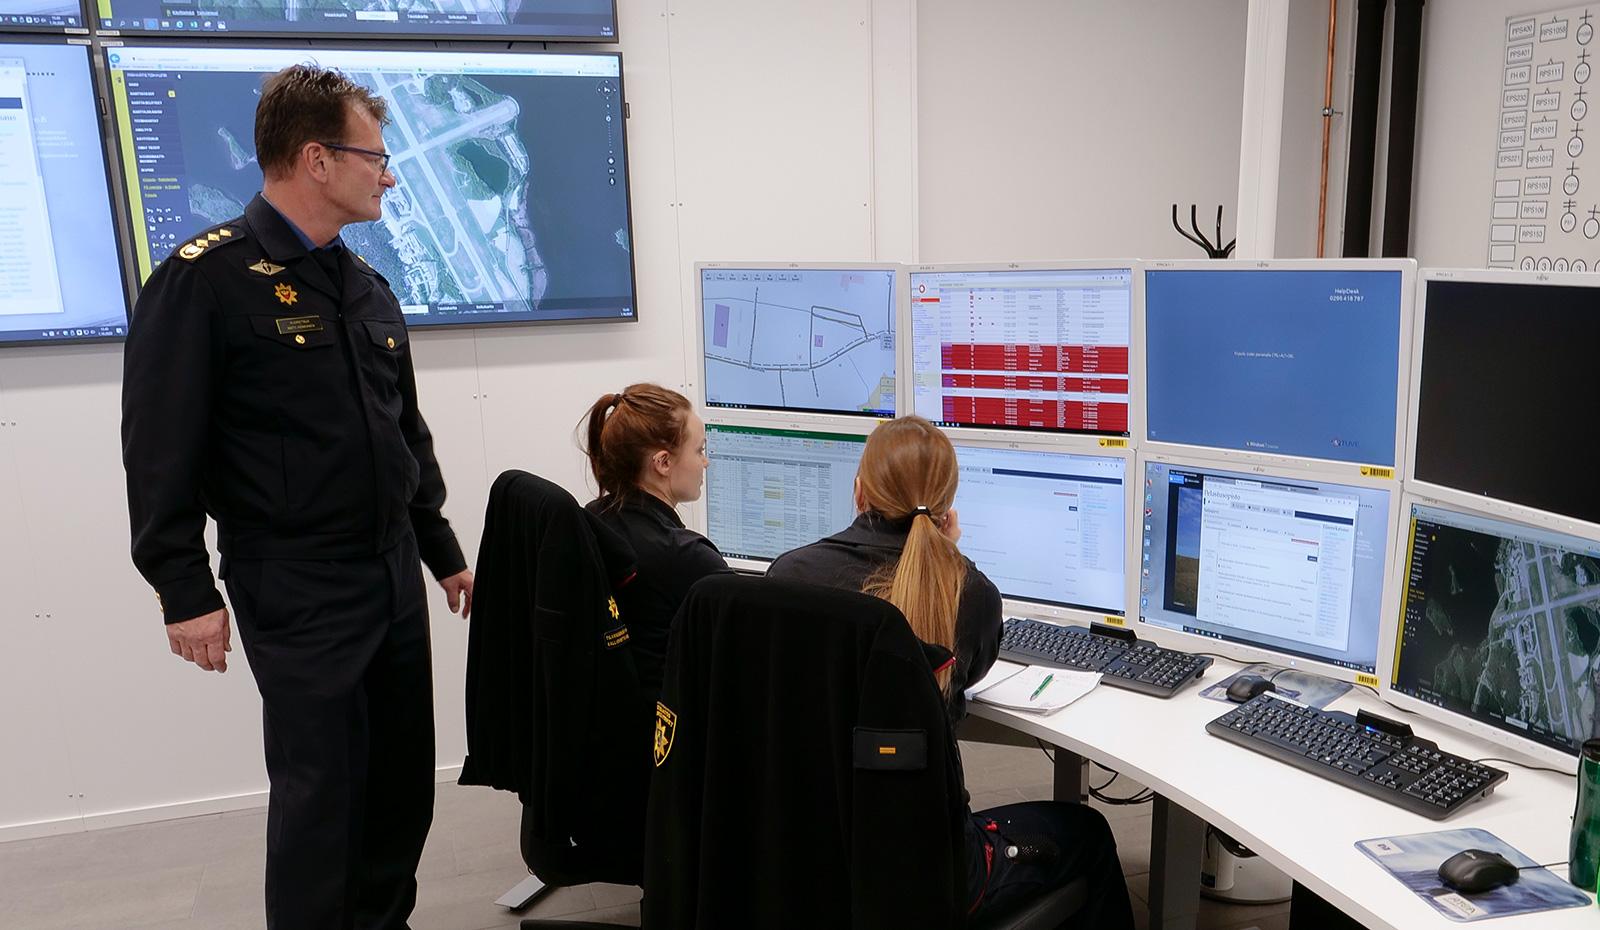 Uusi tekniikka ja uusitut tilat mahdollistavat monipuolisen johtamisharjoittelun. Yliopettaja Matti Honkanen opastaa toimintaa tilannekeskuksessa.